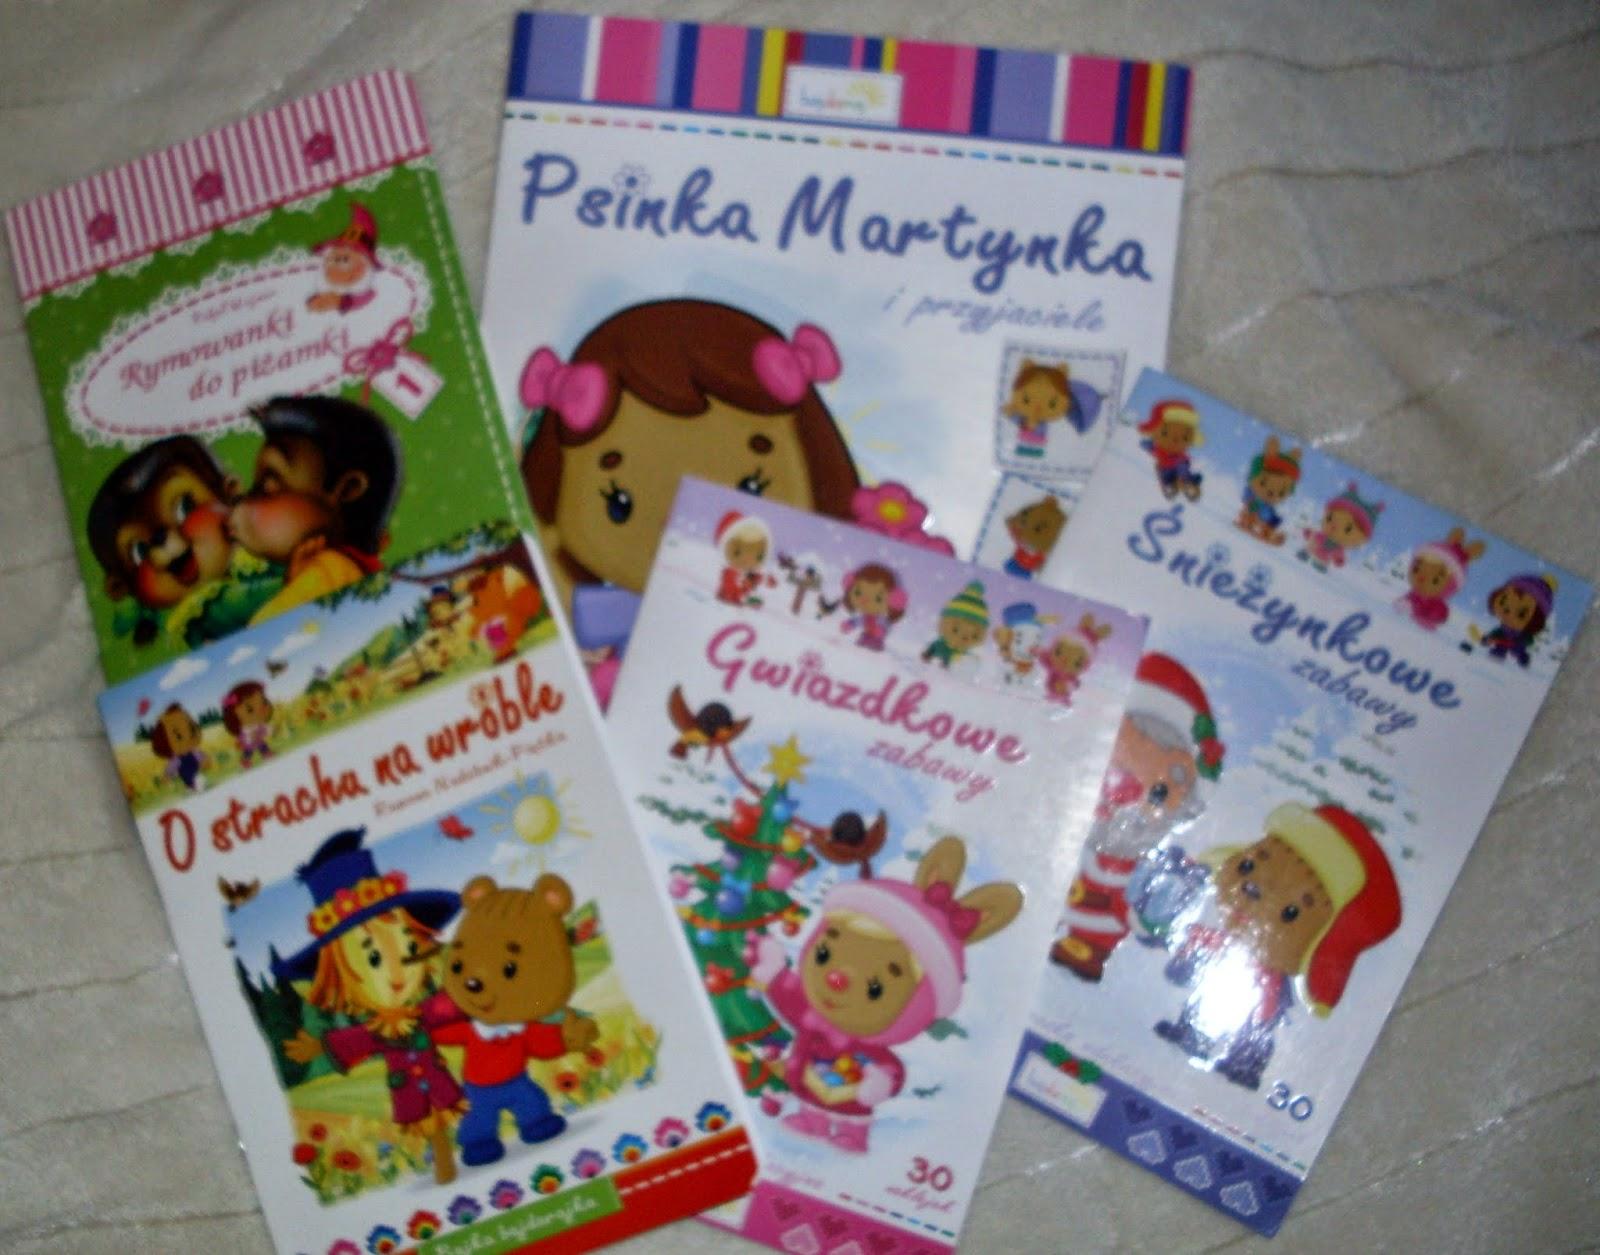 http://annasikorska.blogspot.com/2015/01/ksiazeczki-edukacyjne-wydawnictwa.html